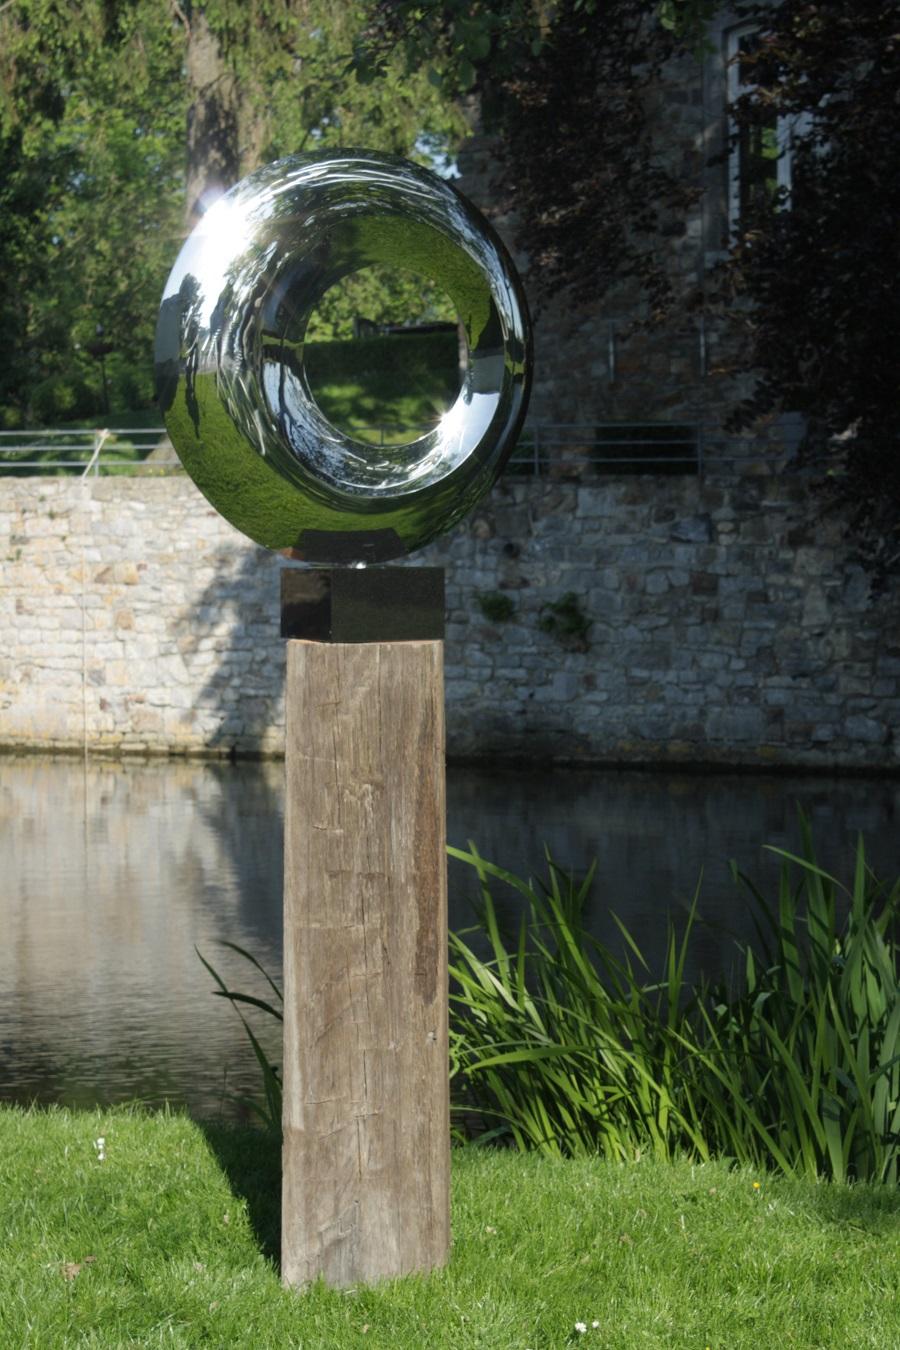 Full Size of Edelstahl Garten Eclipse Circle Sculpture Skulptur Gnstig Online Kaufen Pavillion Trennwand Paravent Trennwände Spielhaus Kunststoff Zaun Spaten Lounge Möbel Garten Edelstahl Garten